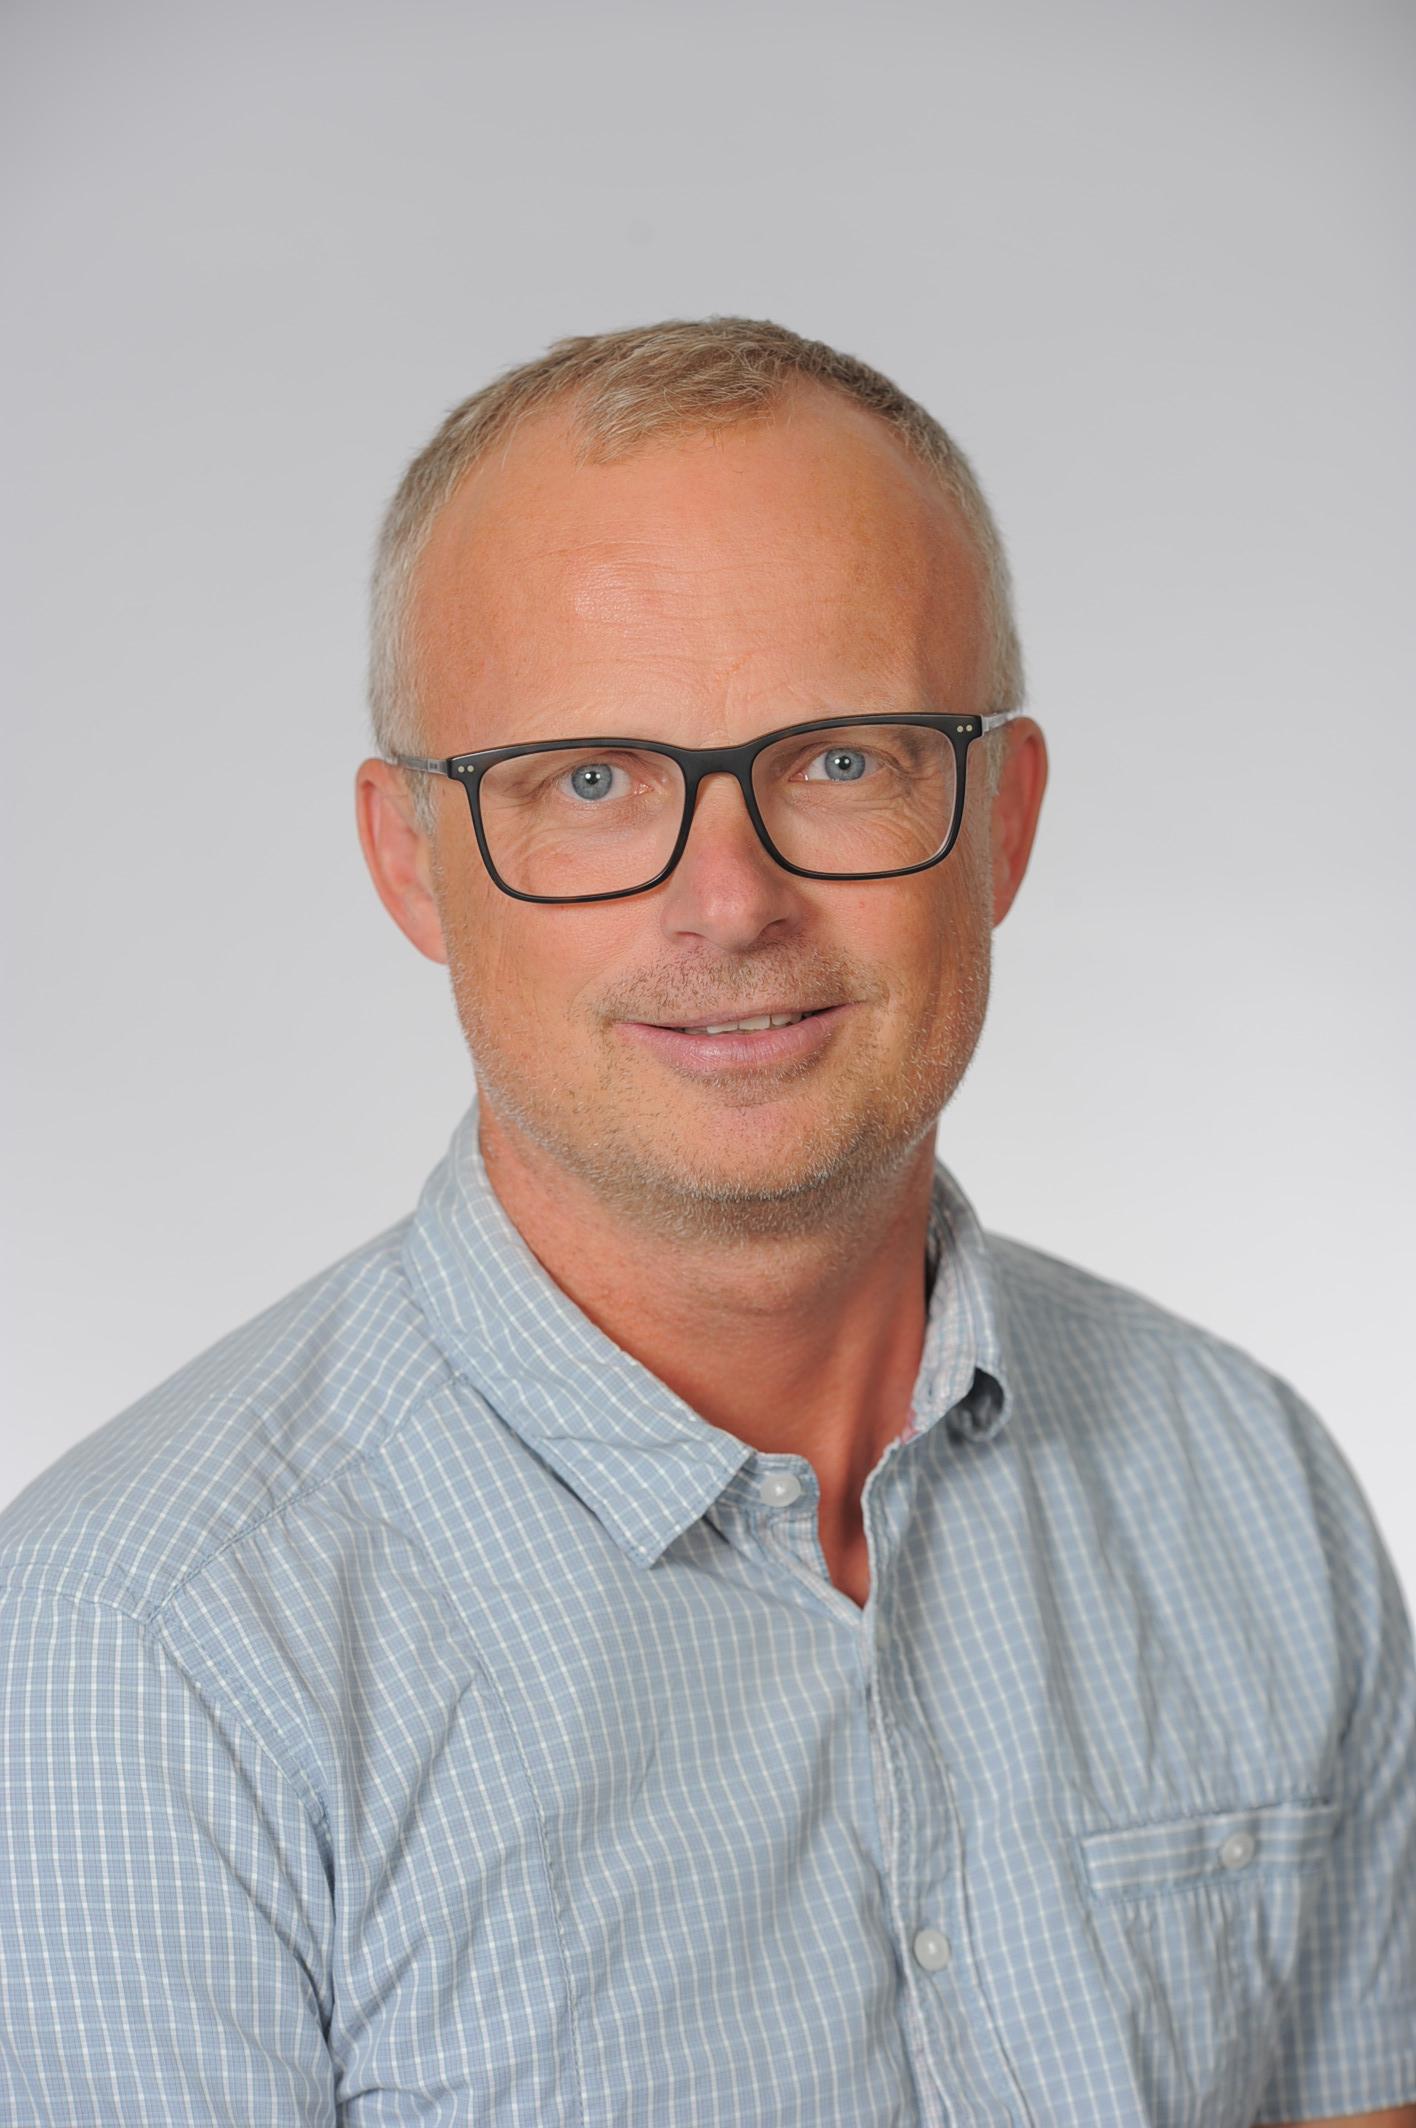 Rasmus Biørn